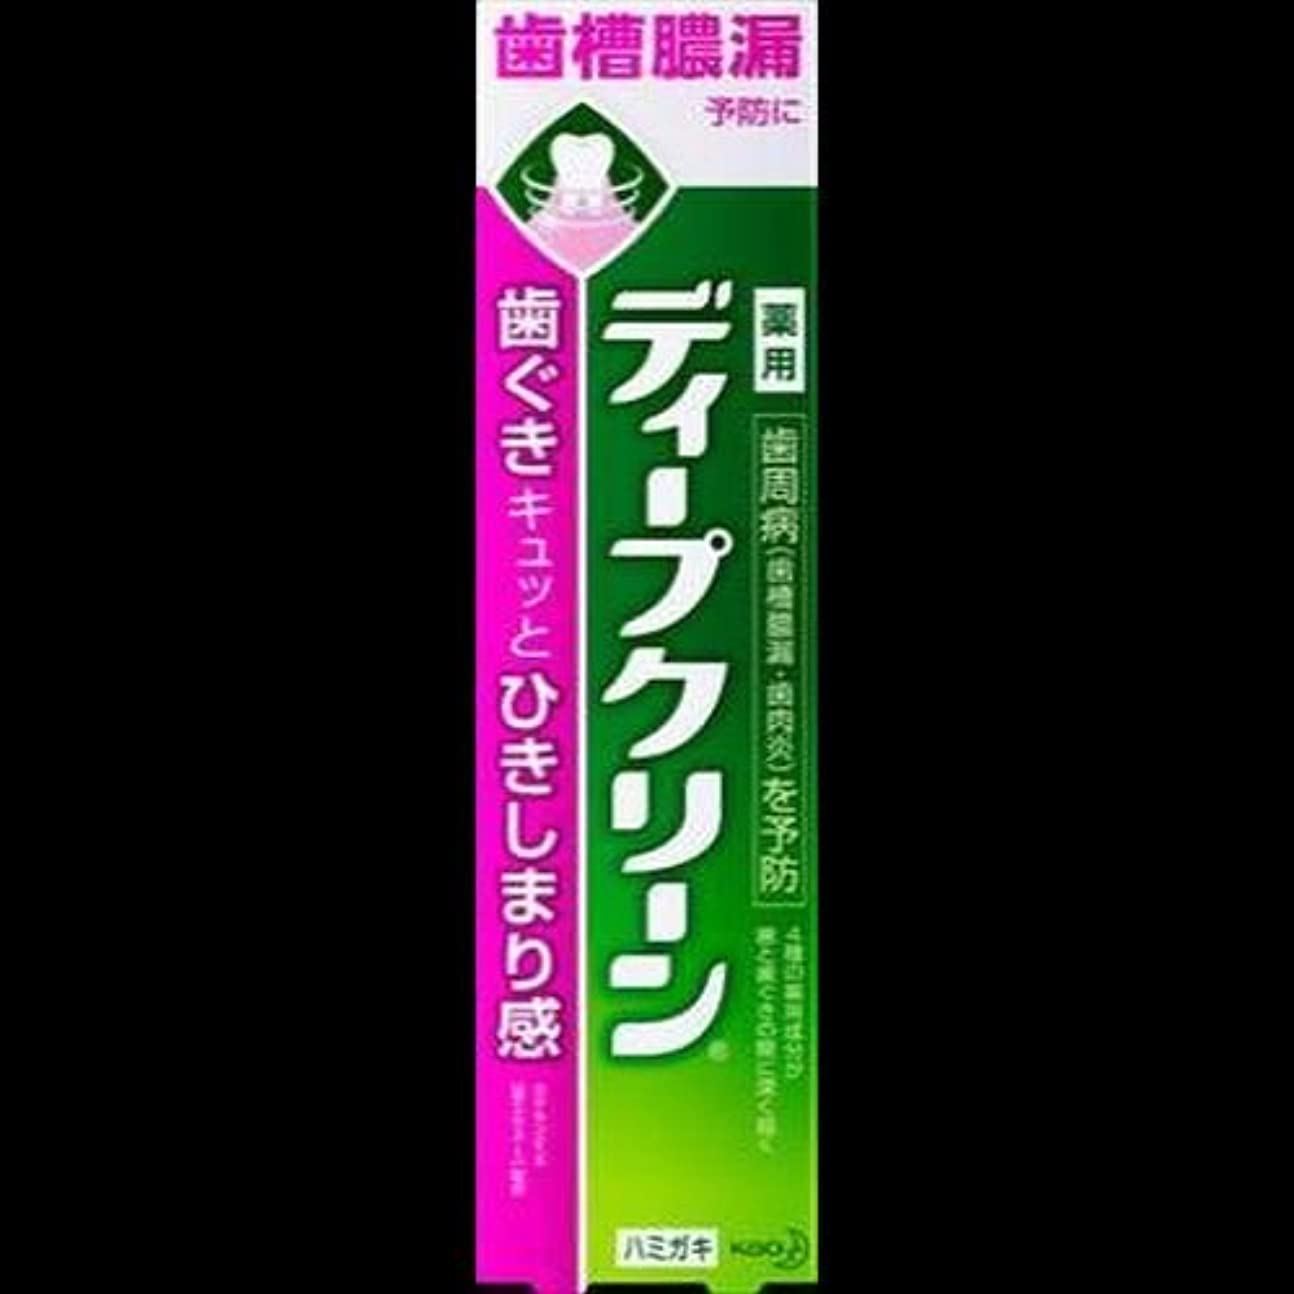 博覧会アクセント極貧【まとめ買い】ディープクリーン 薬用ハミガキ 100g ×2セット